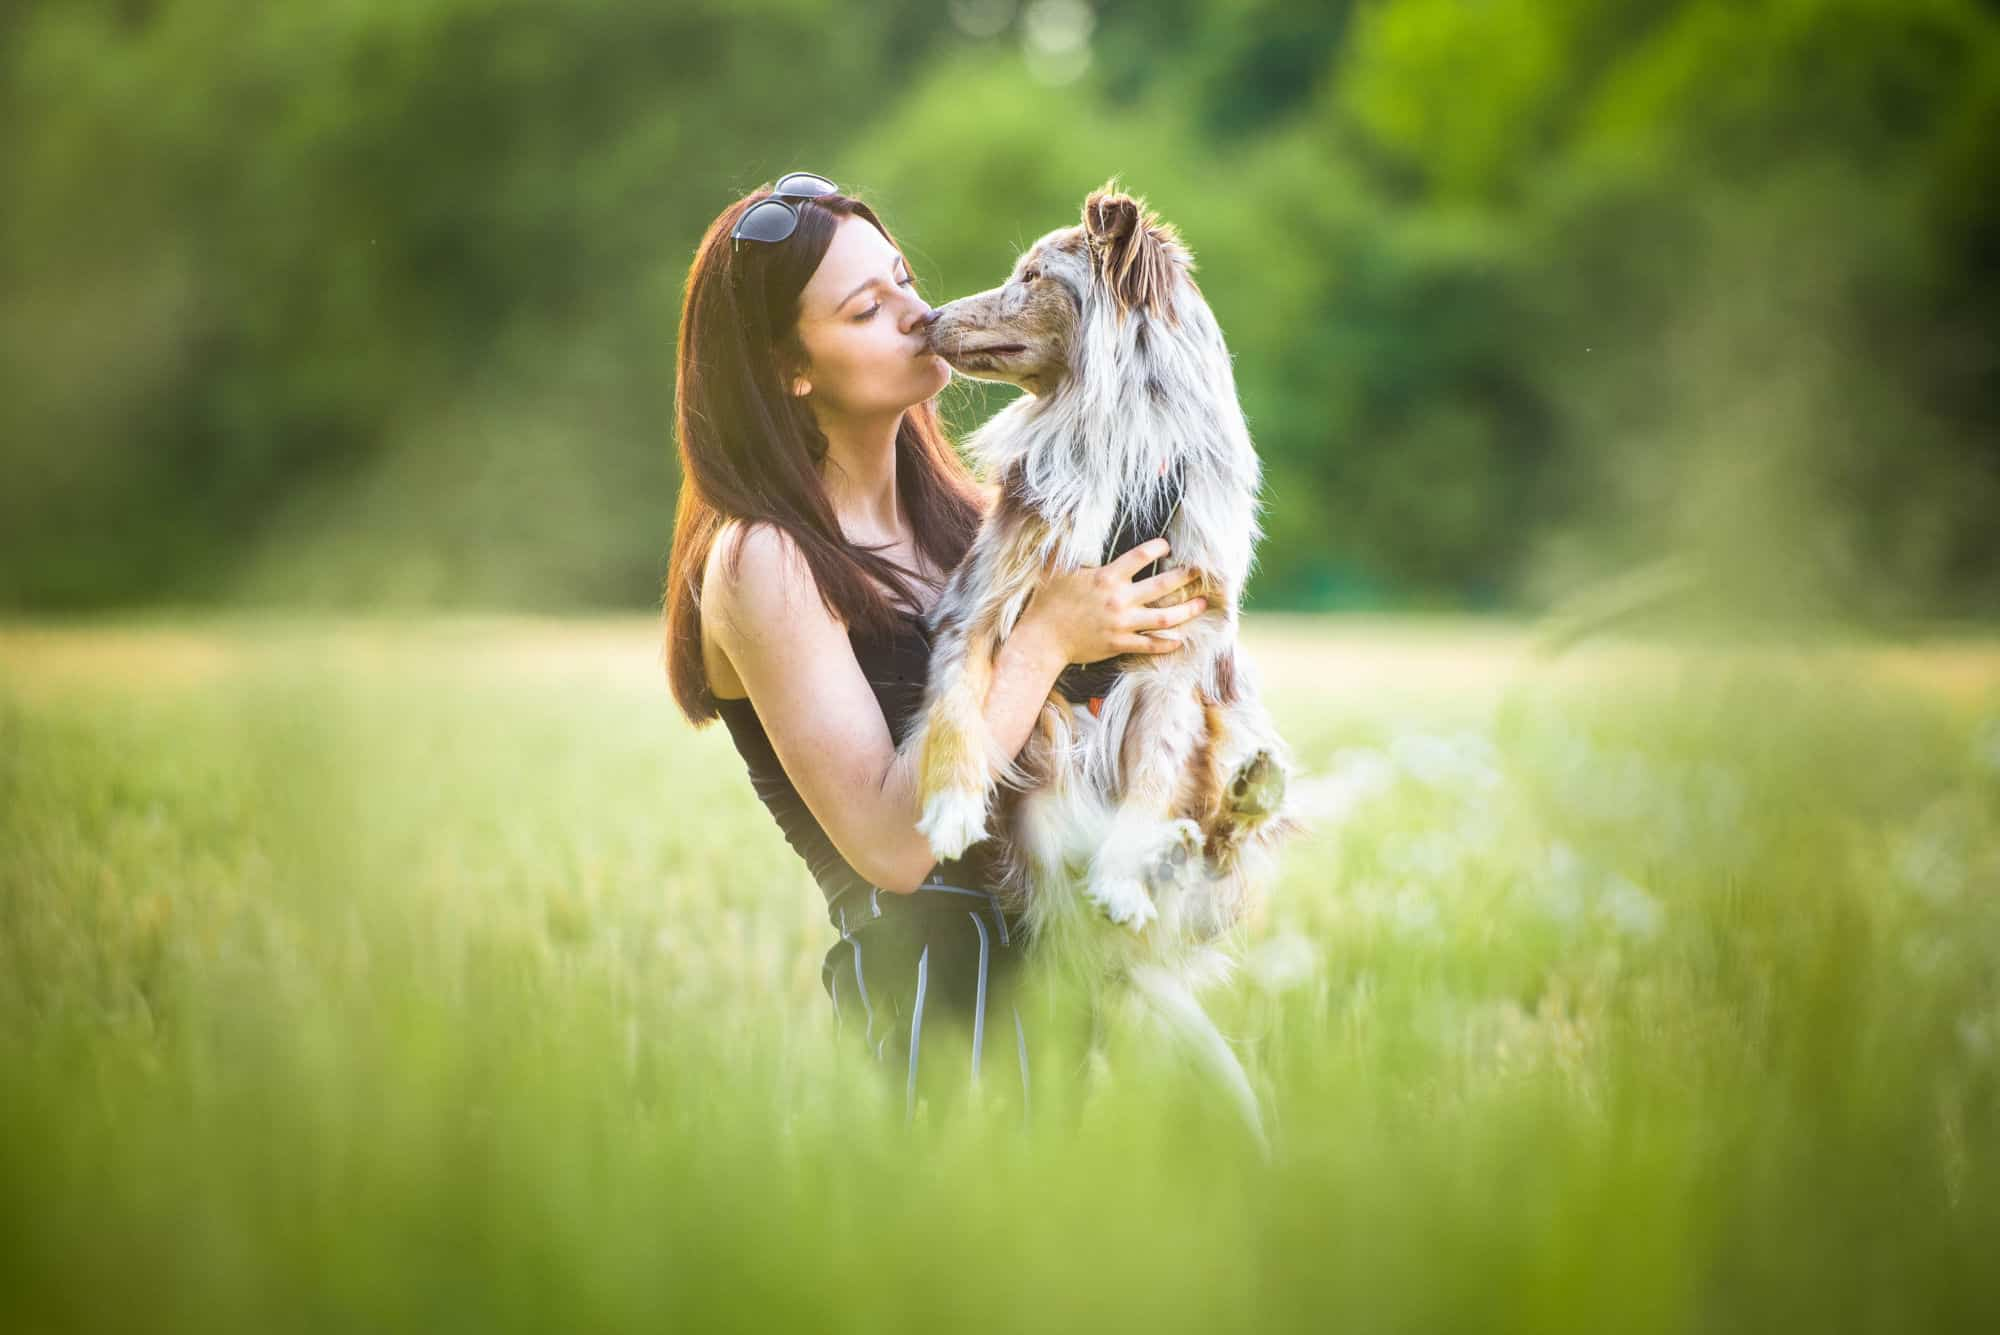 9. lekce - Procházení kolem psů zaplotem